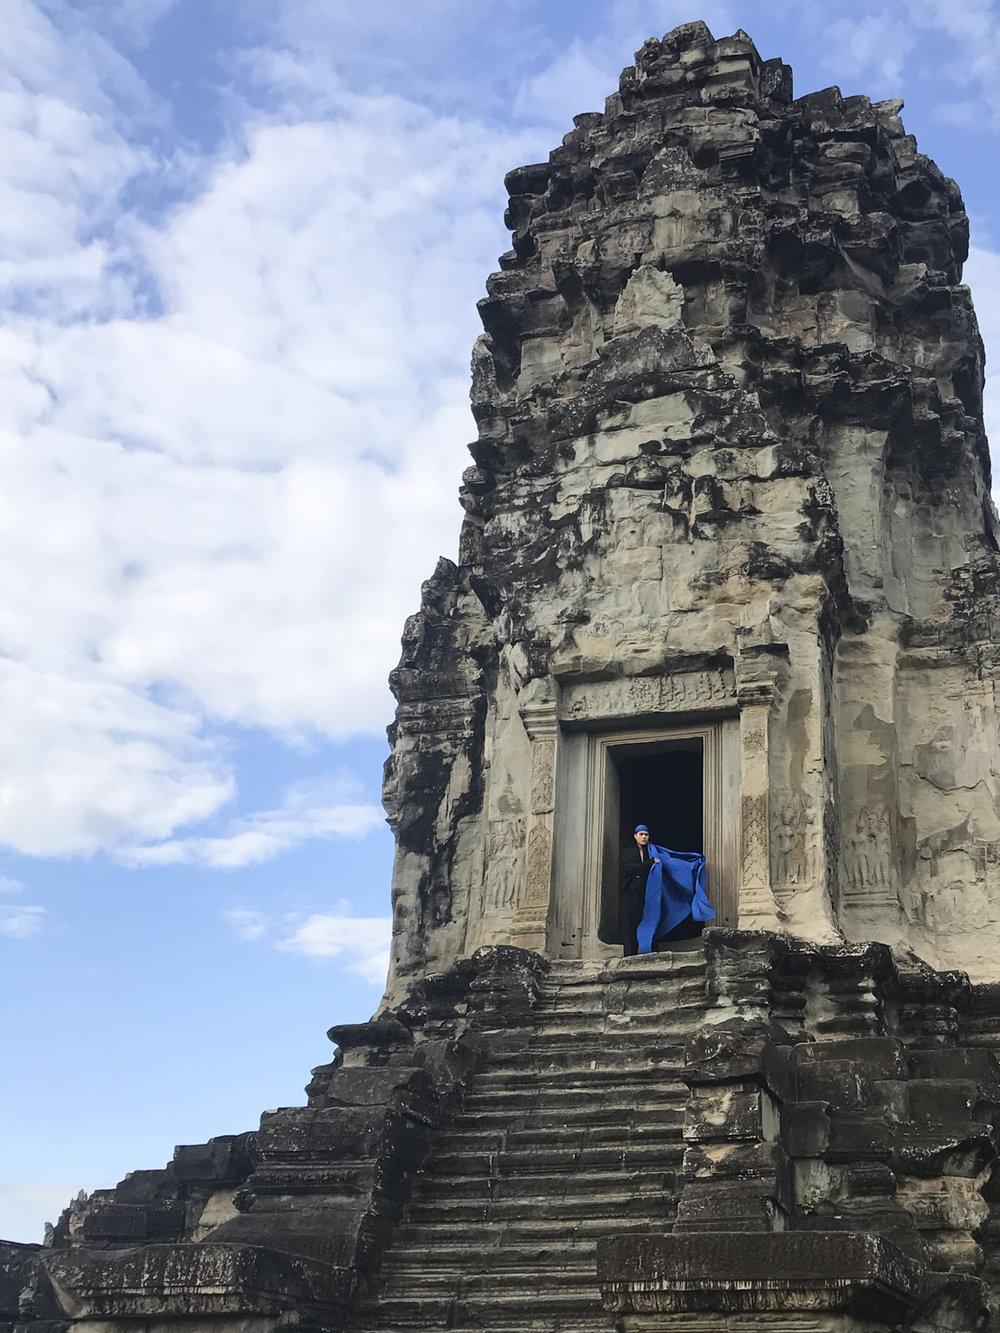 Tuck-Muntarbhorn-Angkor-Wat-2.jpg